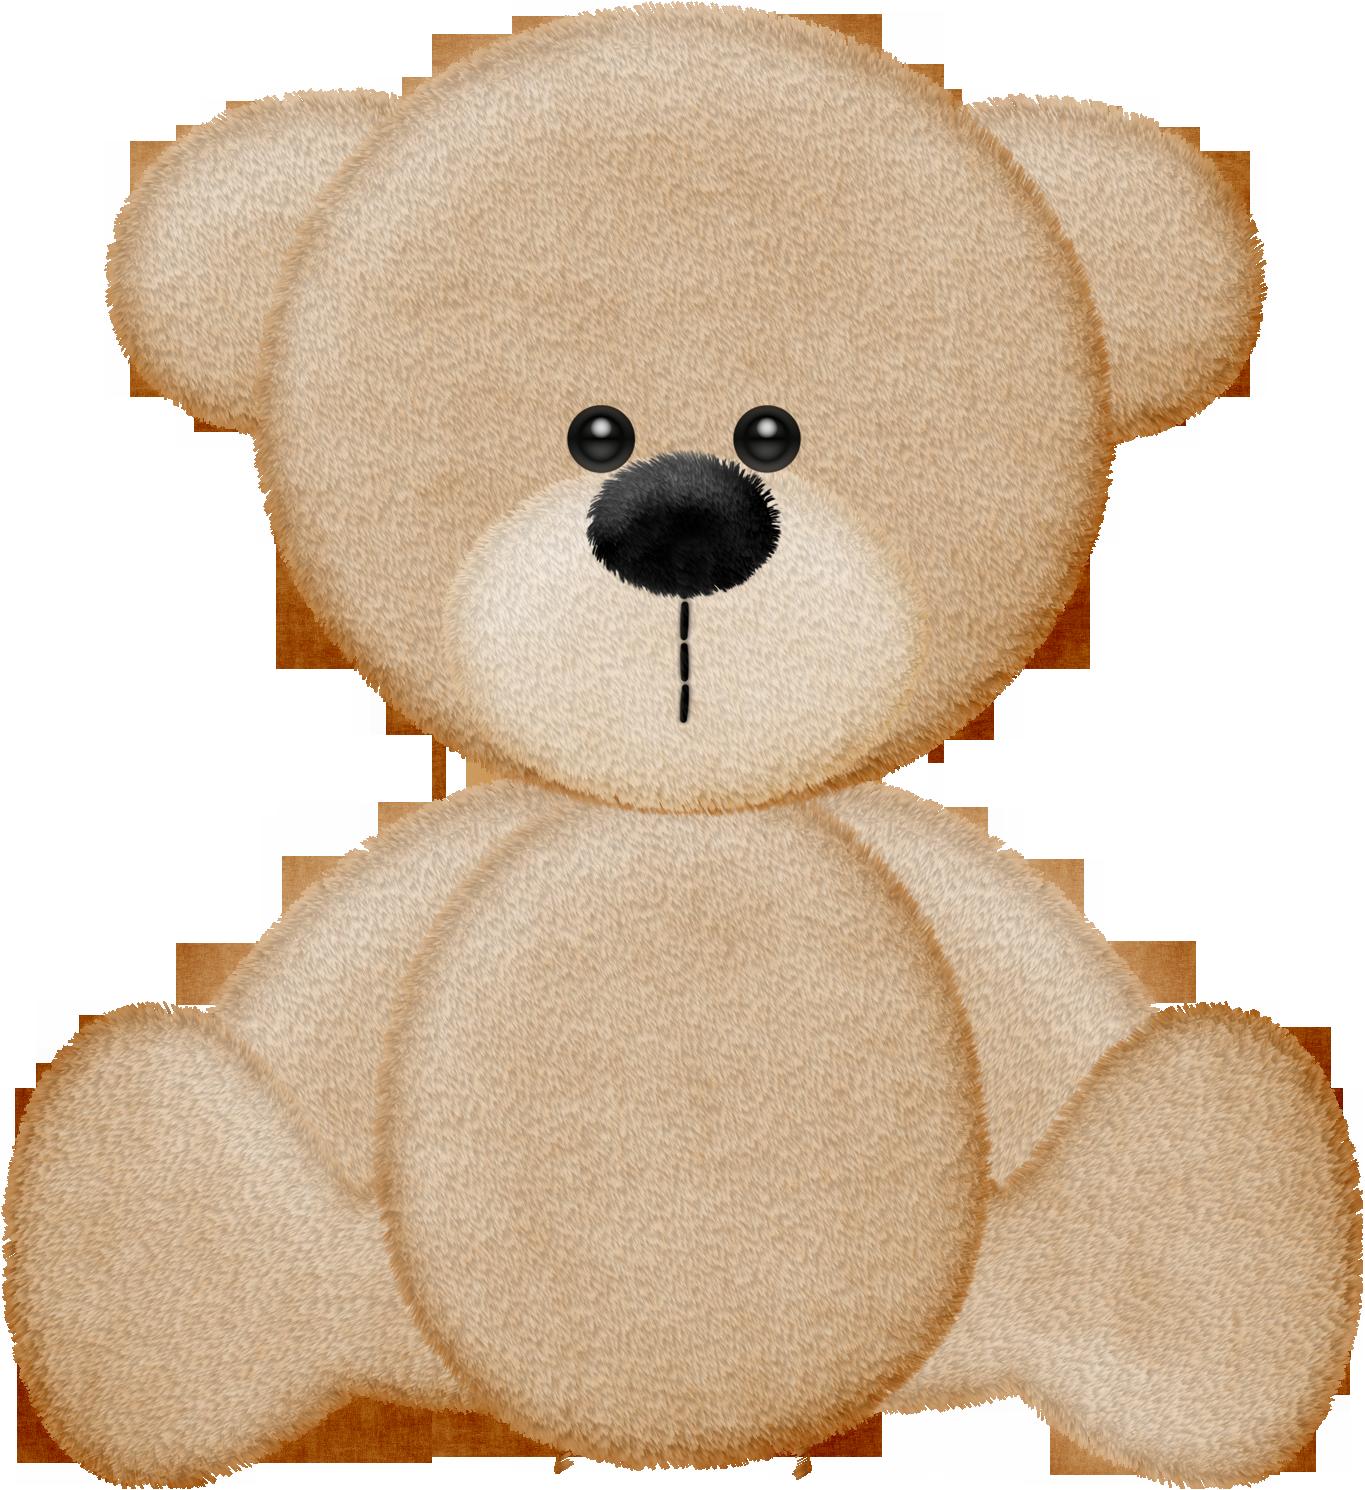 Ch B Teddy Bear Clipart Baby Animal Nursery Art Teddy Bear Design